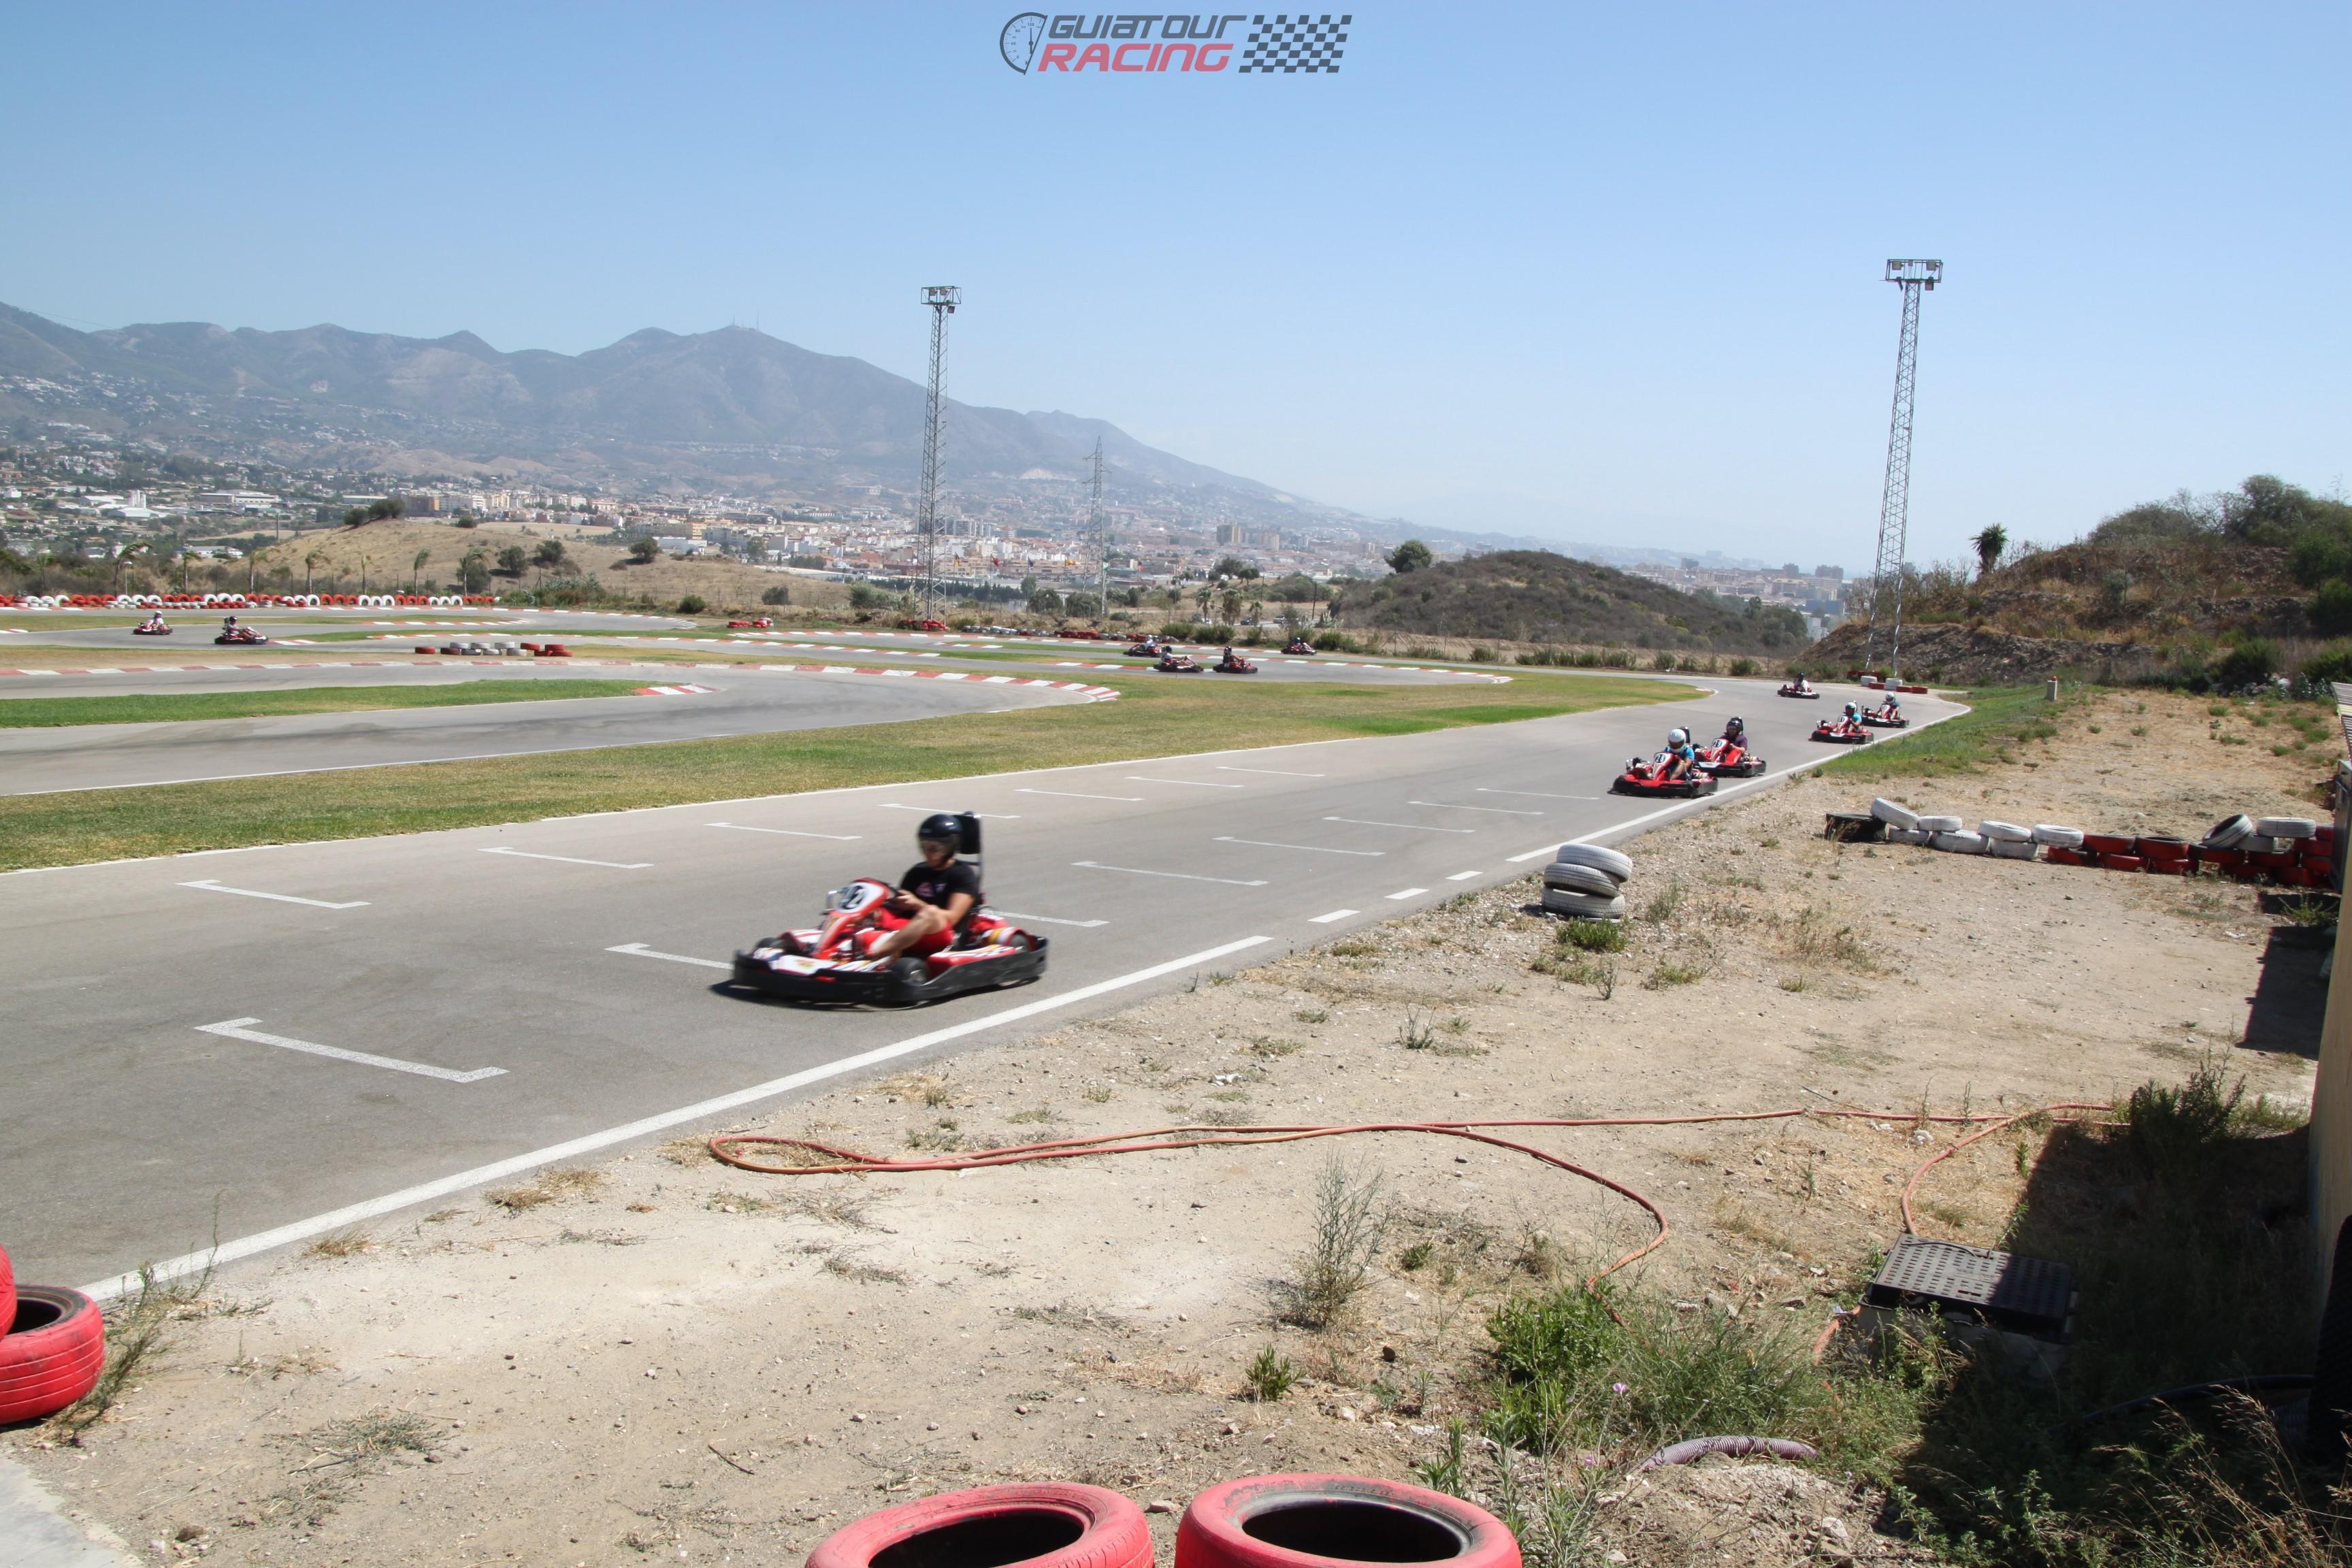 Circuito Karting : Karting fernando alonso 2018 cto de asturias guia tour racing